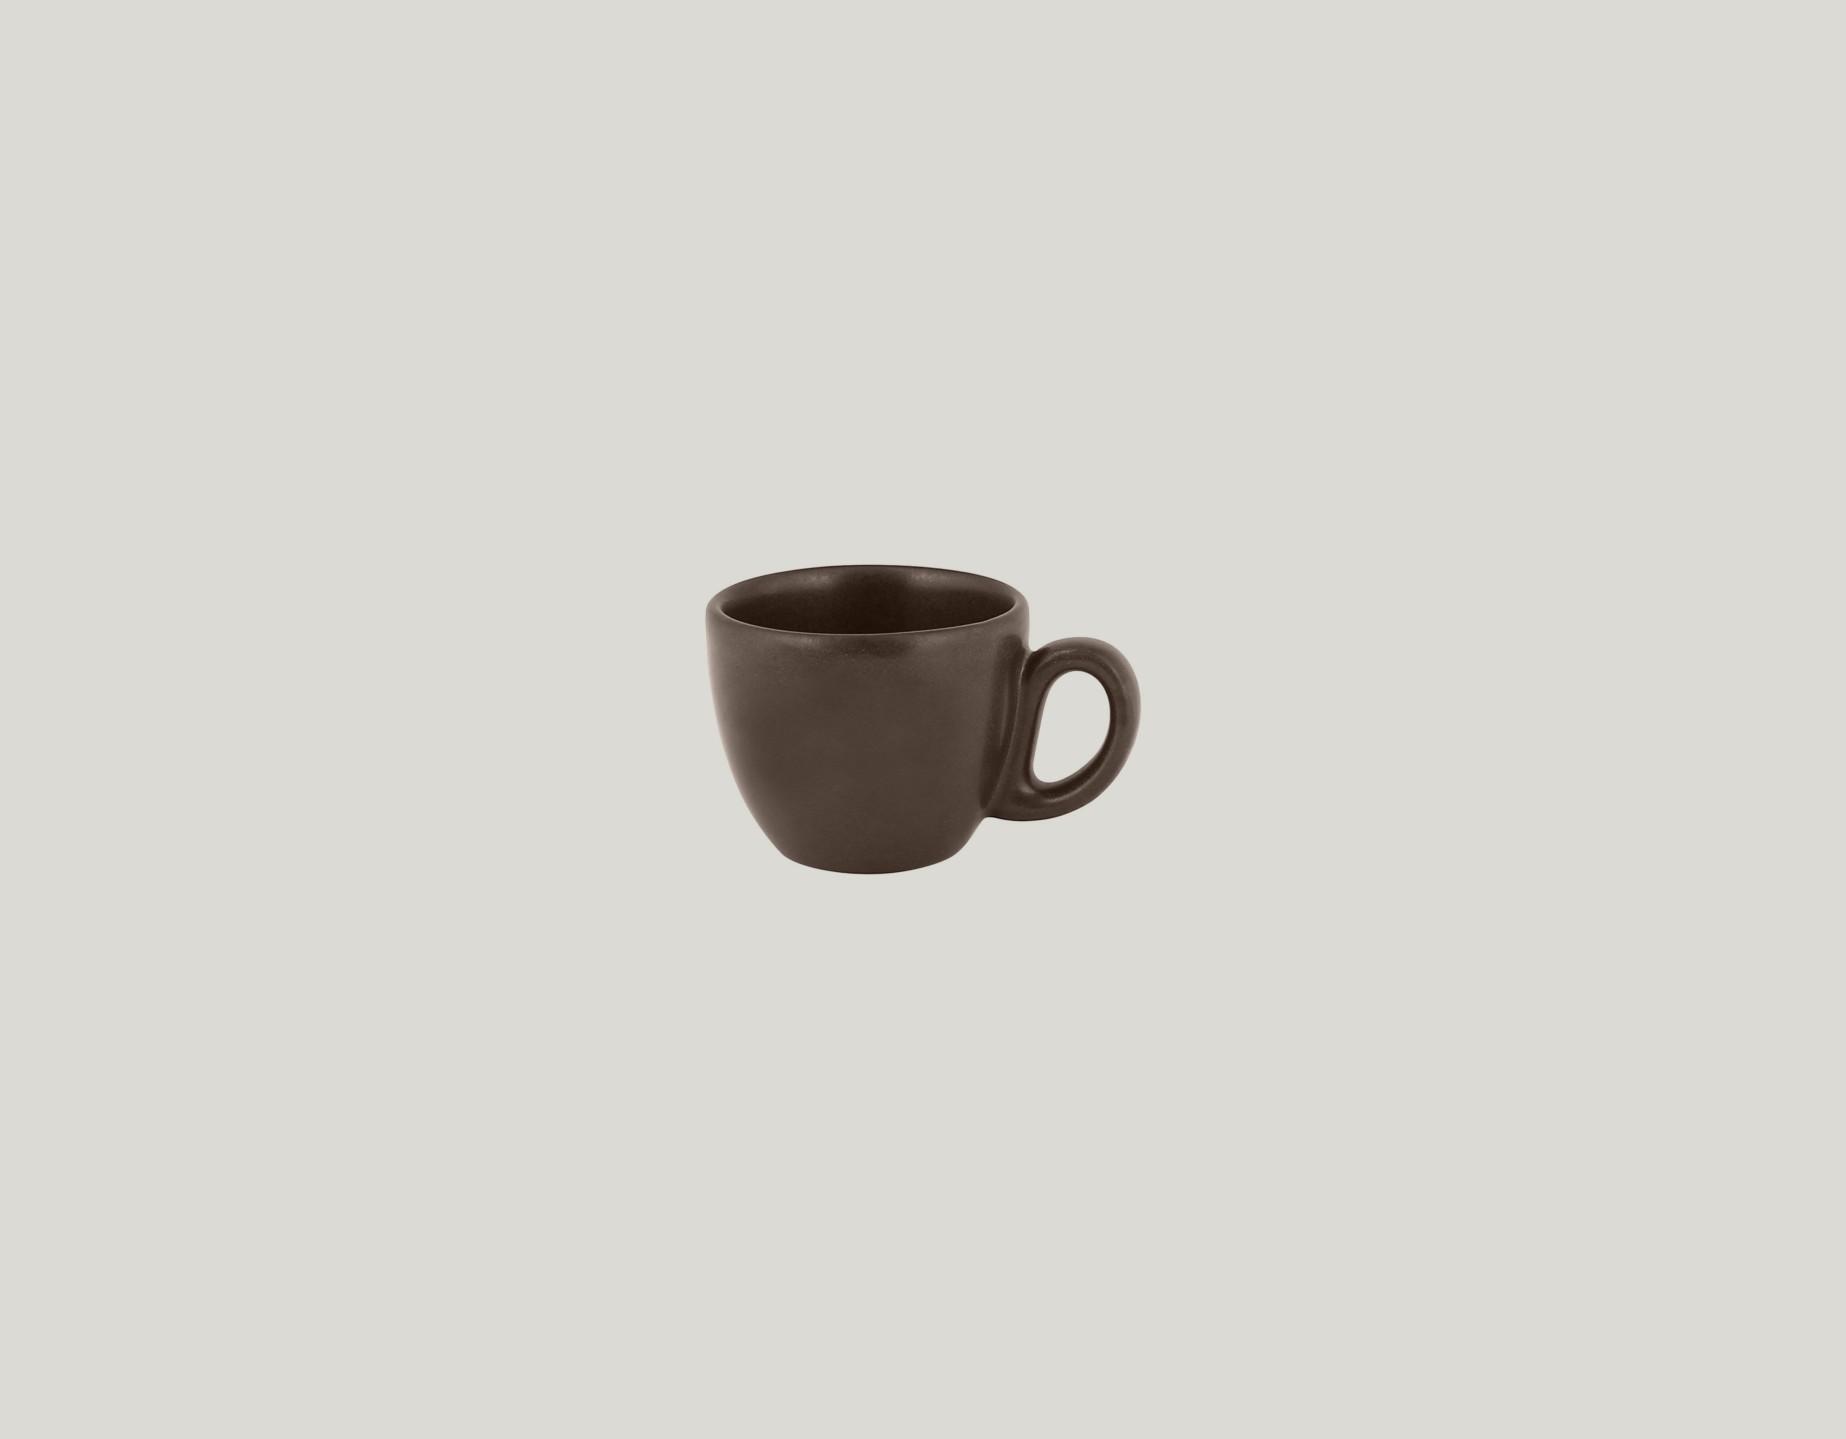 Šálek na espresso 8 cl - cocoa